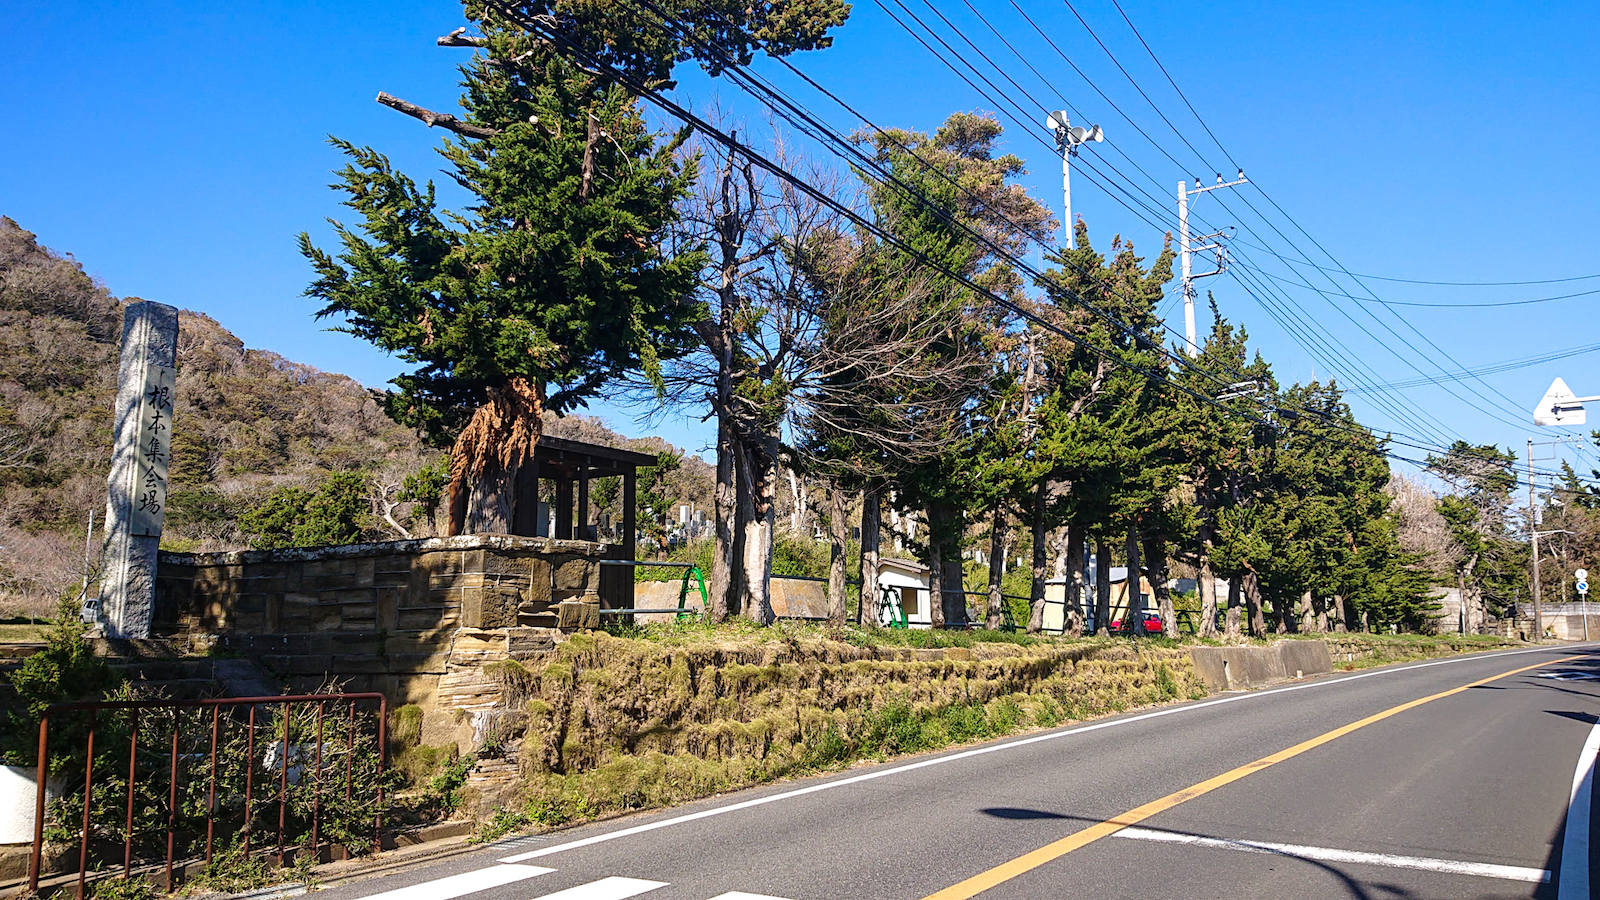 根本小学校跡地。子供たちが正門をくぐる様子が目に浮かびます